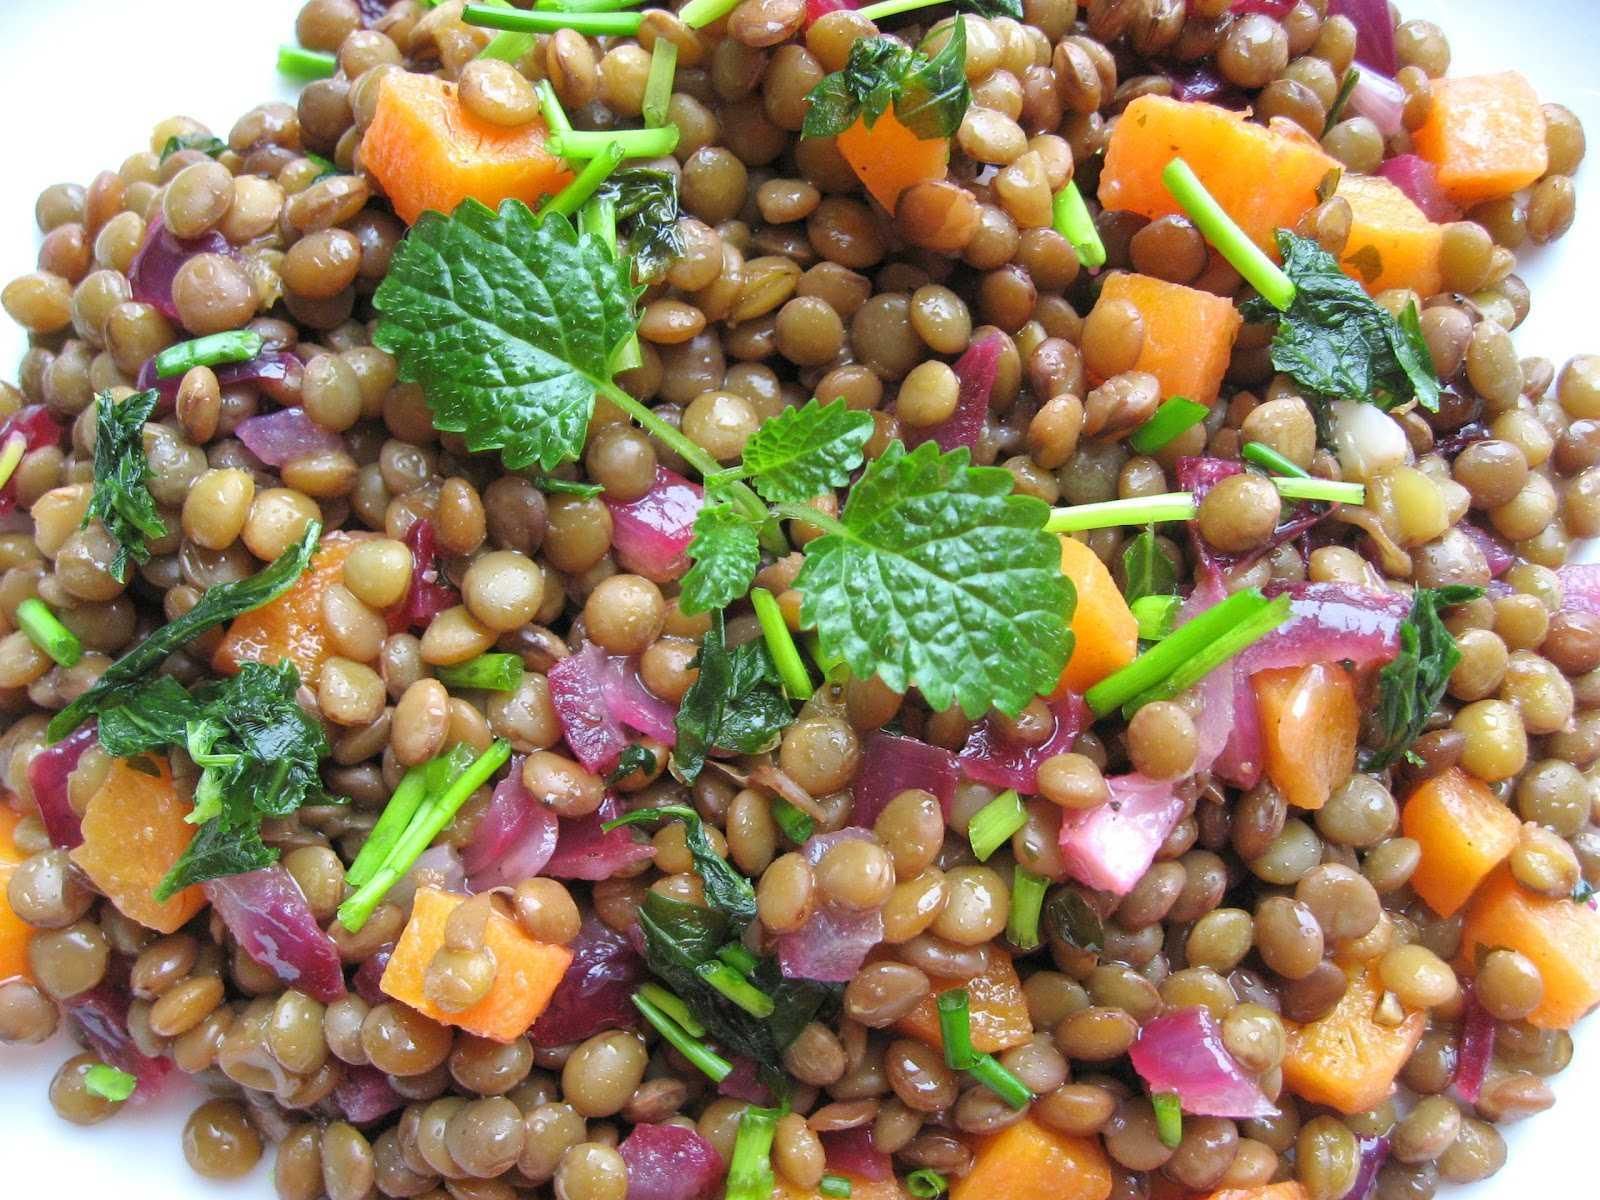 Готовим салат из черной чечевицы с зеленью: поиск по ингредиентам, советы, отзывы, пошаговые фото, подсчет калорий, удобная печать, изменение порций, похожие рецепты